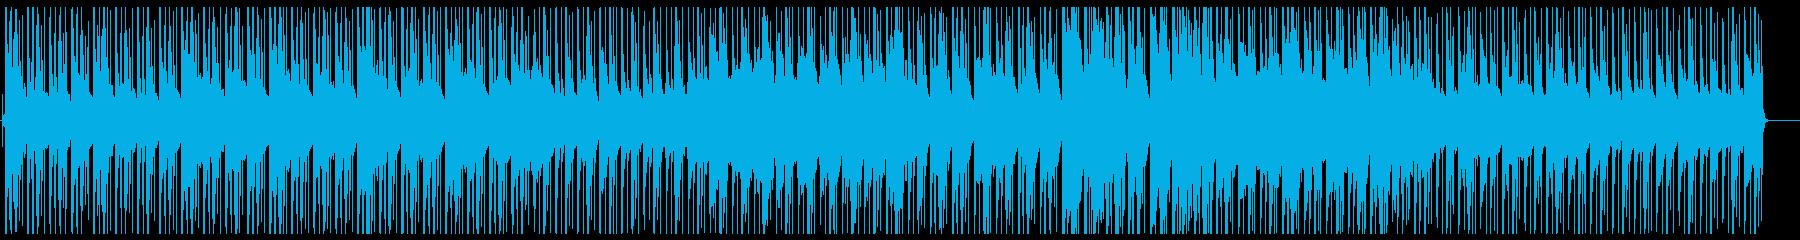 ピアノとギター・ローファイ・チルビートの再生済みの波形